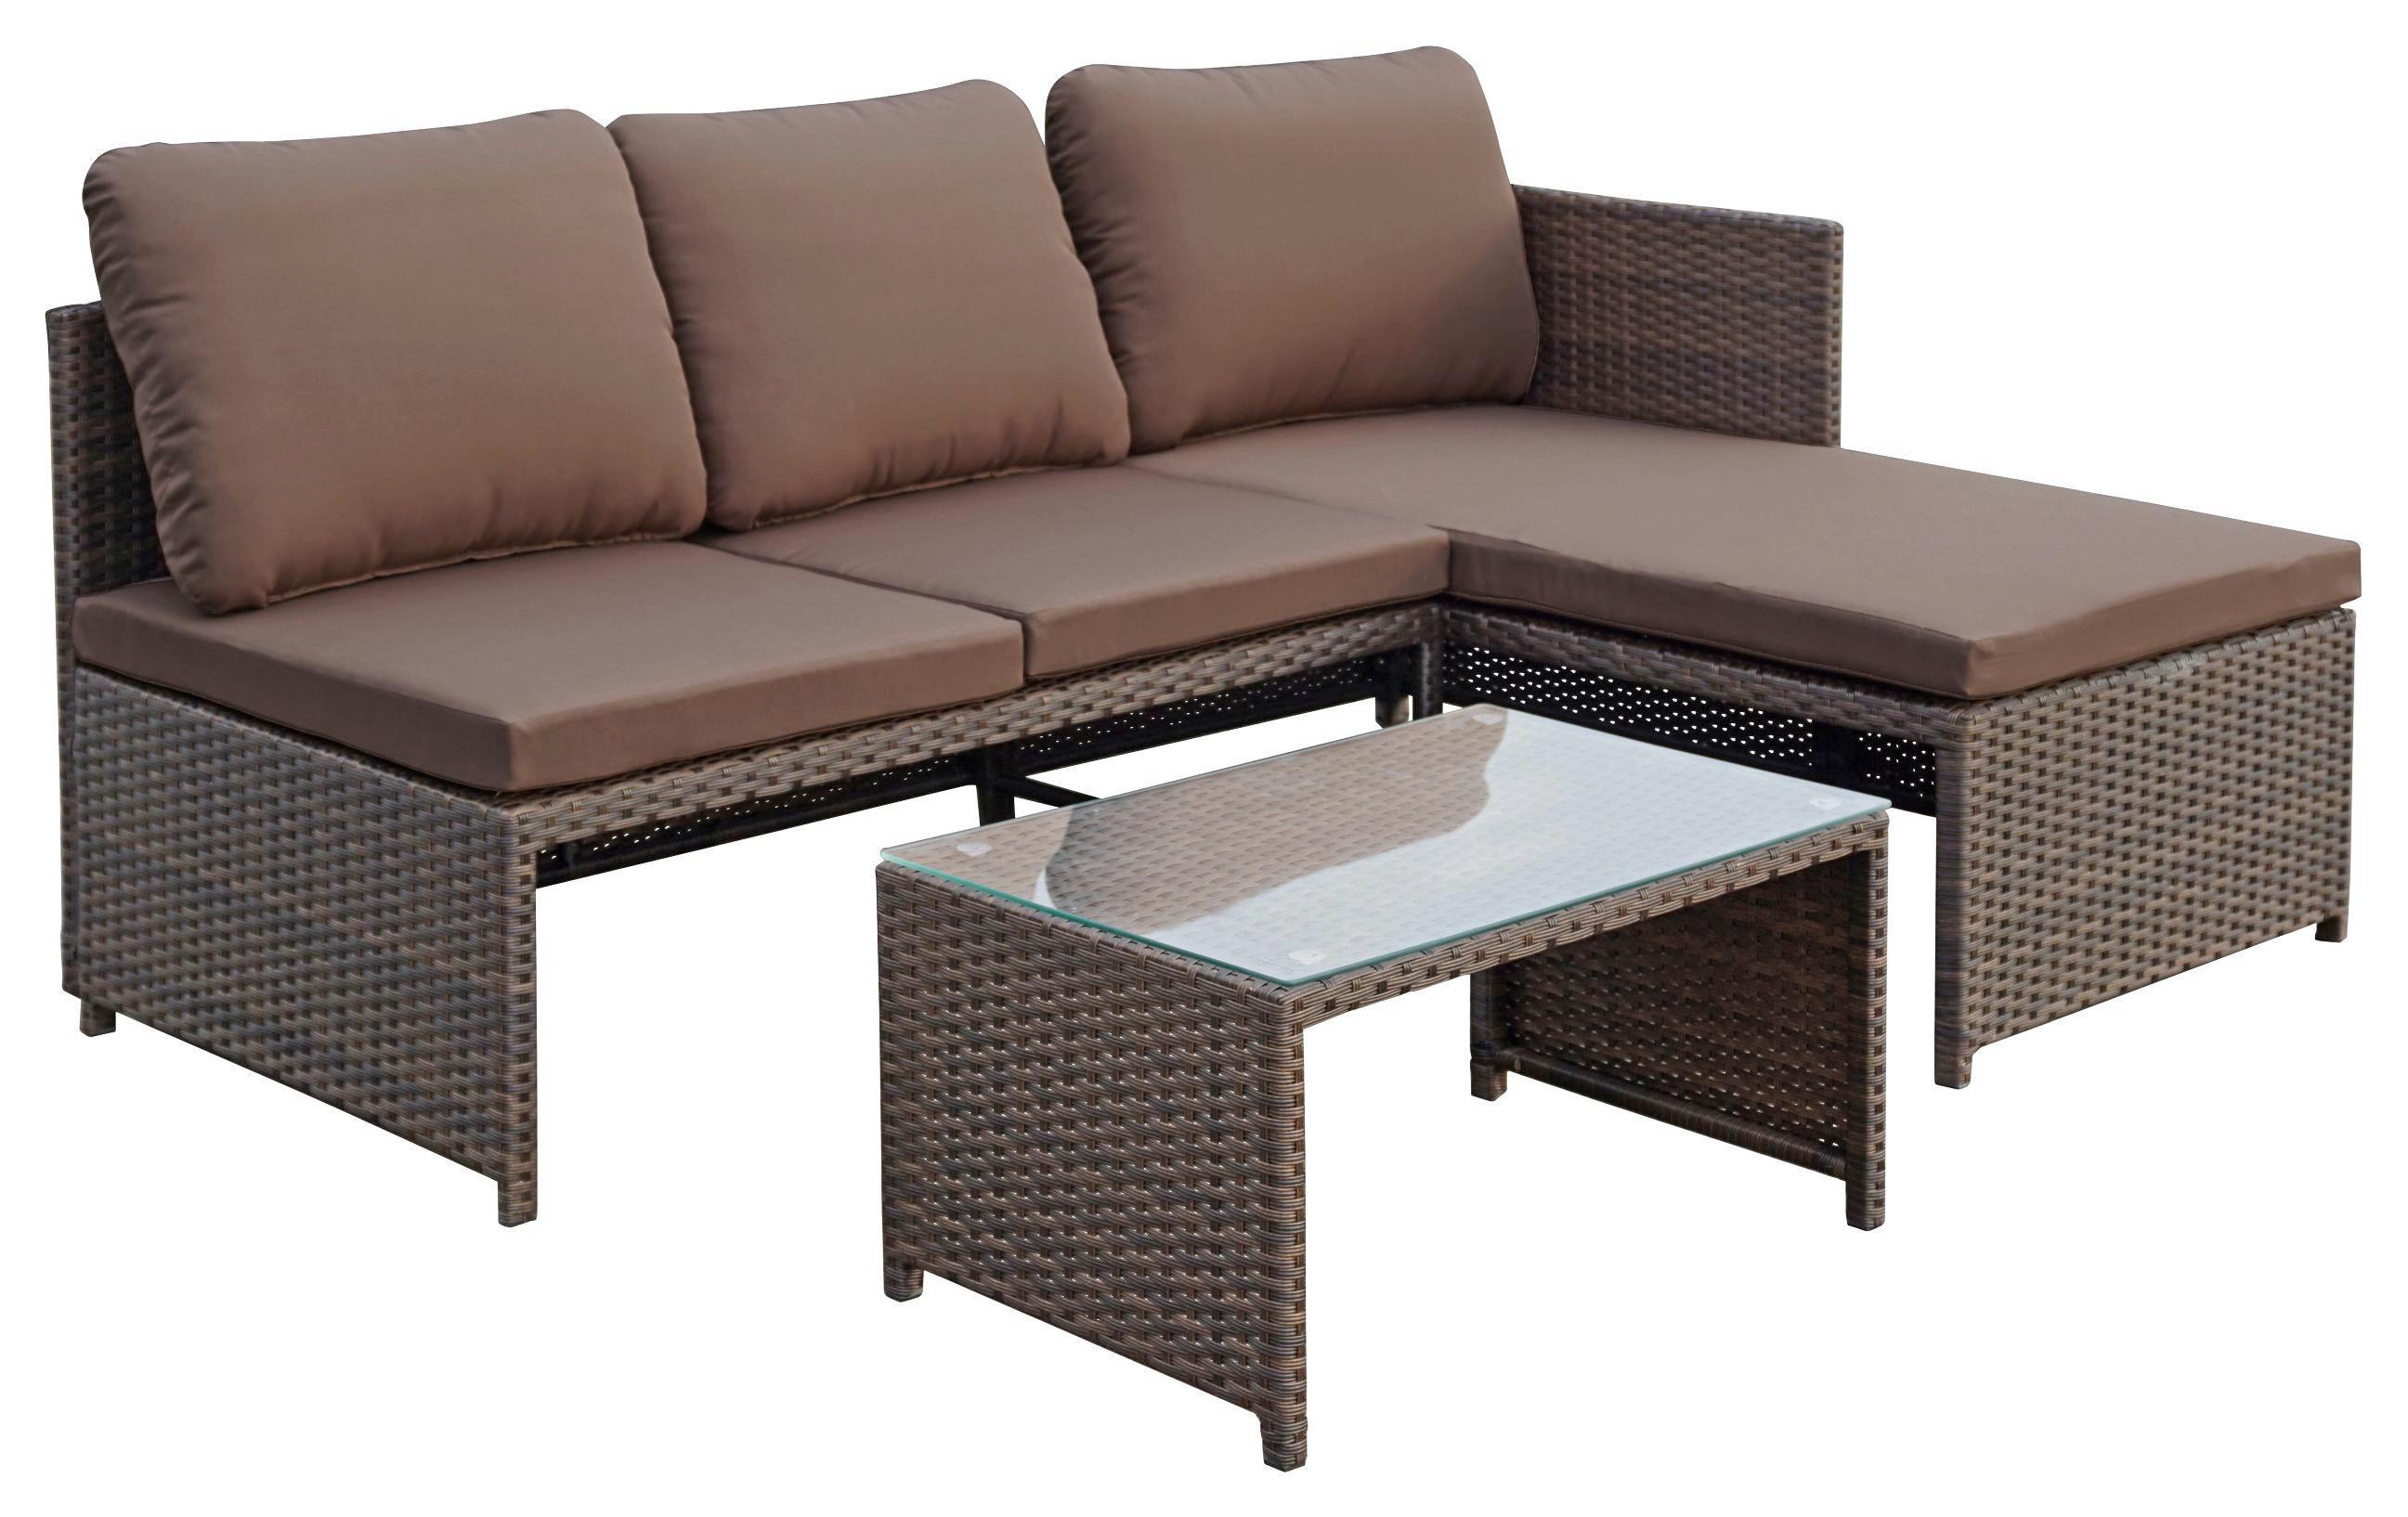 Outdoor Küche Möbelix : Loungegarnitur ida online kaufen ➤ möbelix